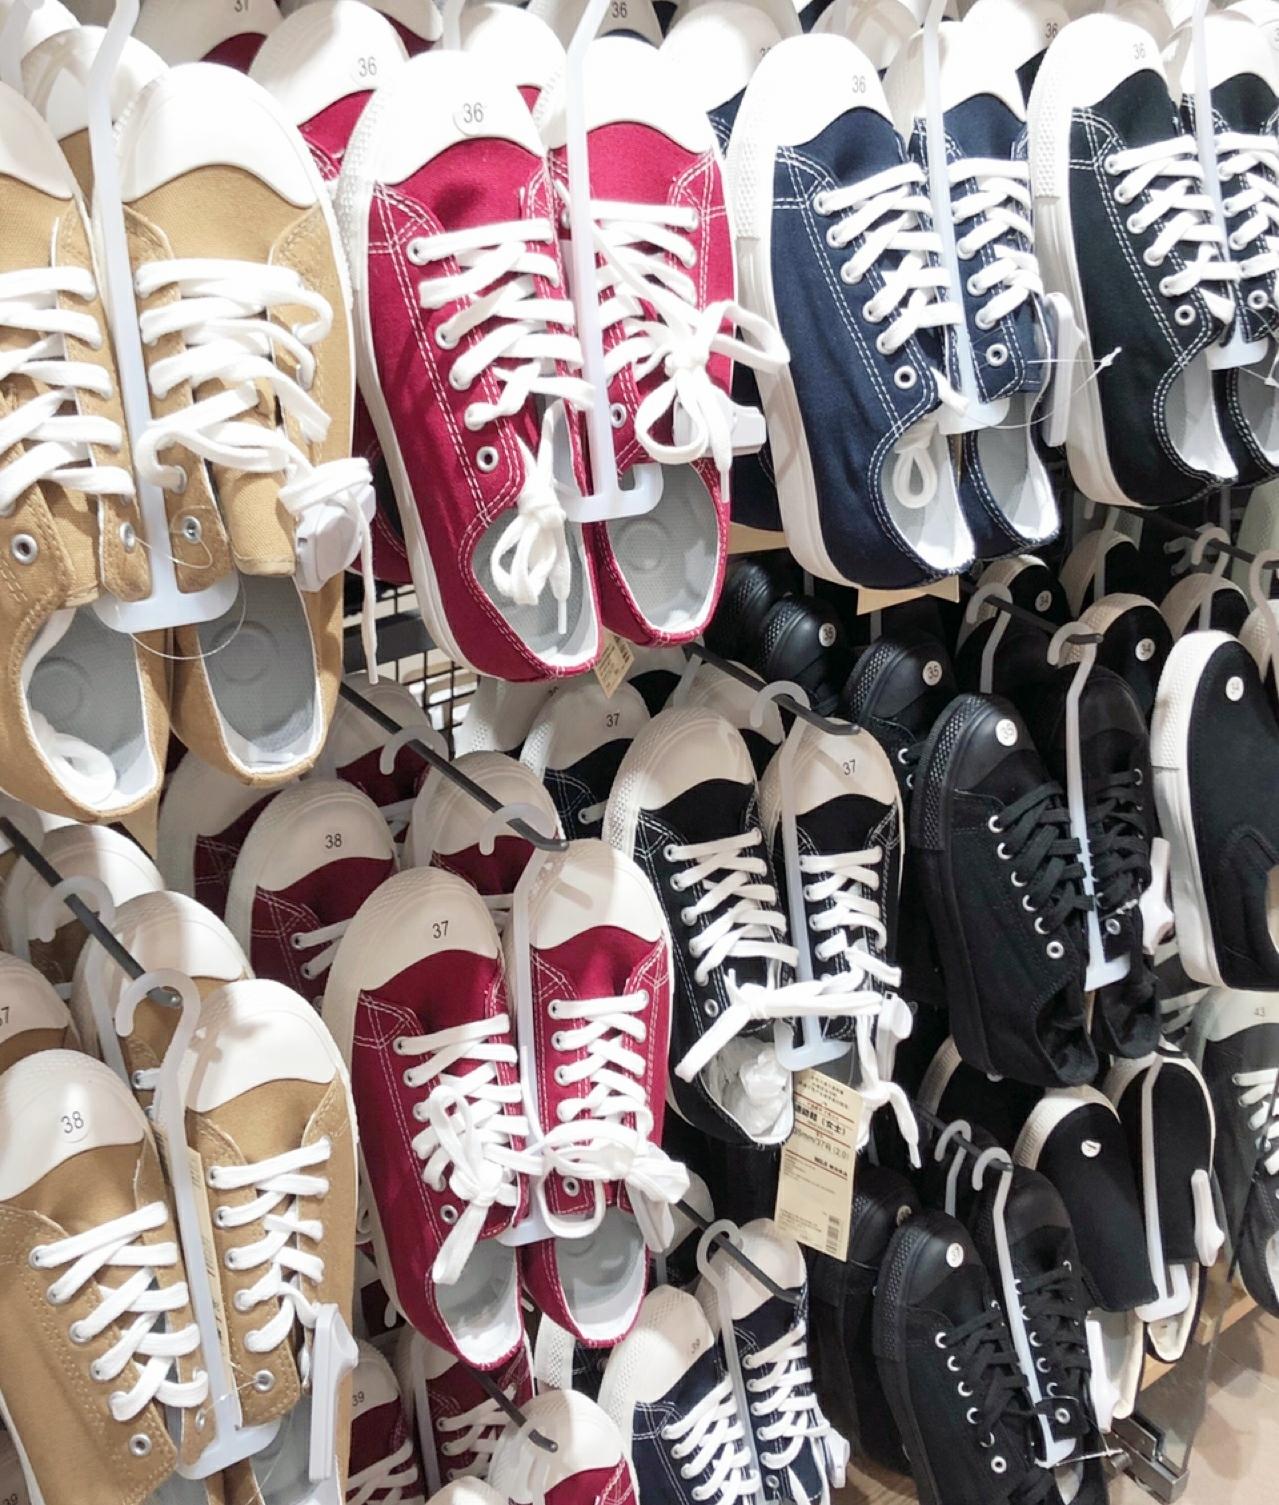 无印良品小白鞋MUJI帆布鞋新款不易沾水棉防疲劳男女百搭休闲鞋满5元可用5元优惠券